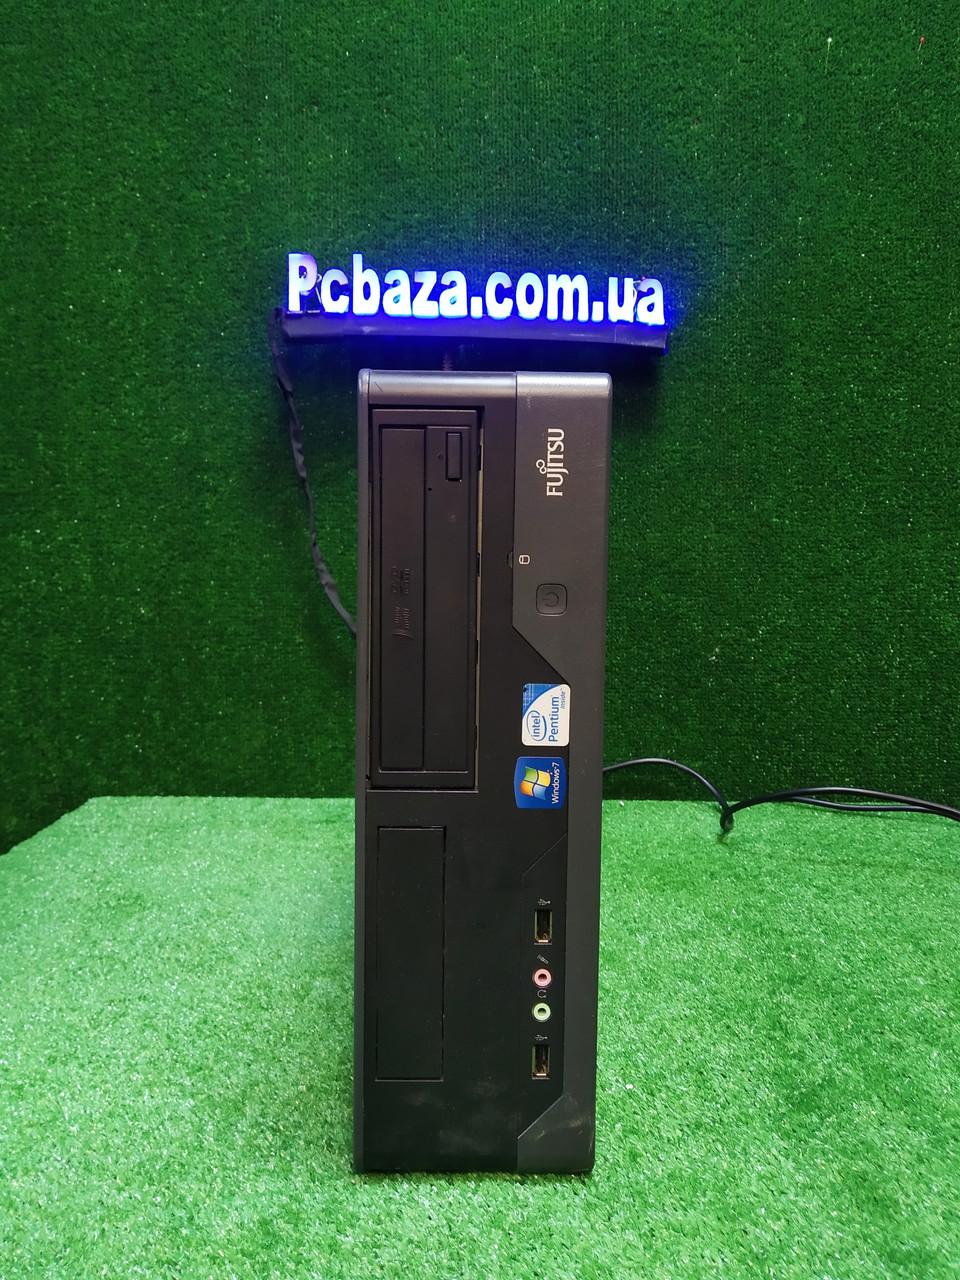 Компактный ПК Fujitsu, Intel 2 мощных ядра E7500 2.93Ггц, 4 ГБ, 80 ГБ Настроен! Есть Опт! Гарантия!